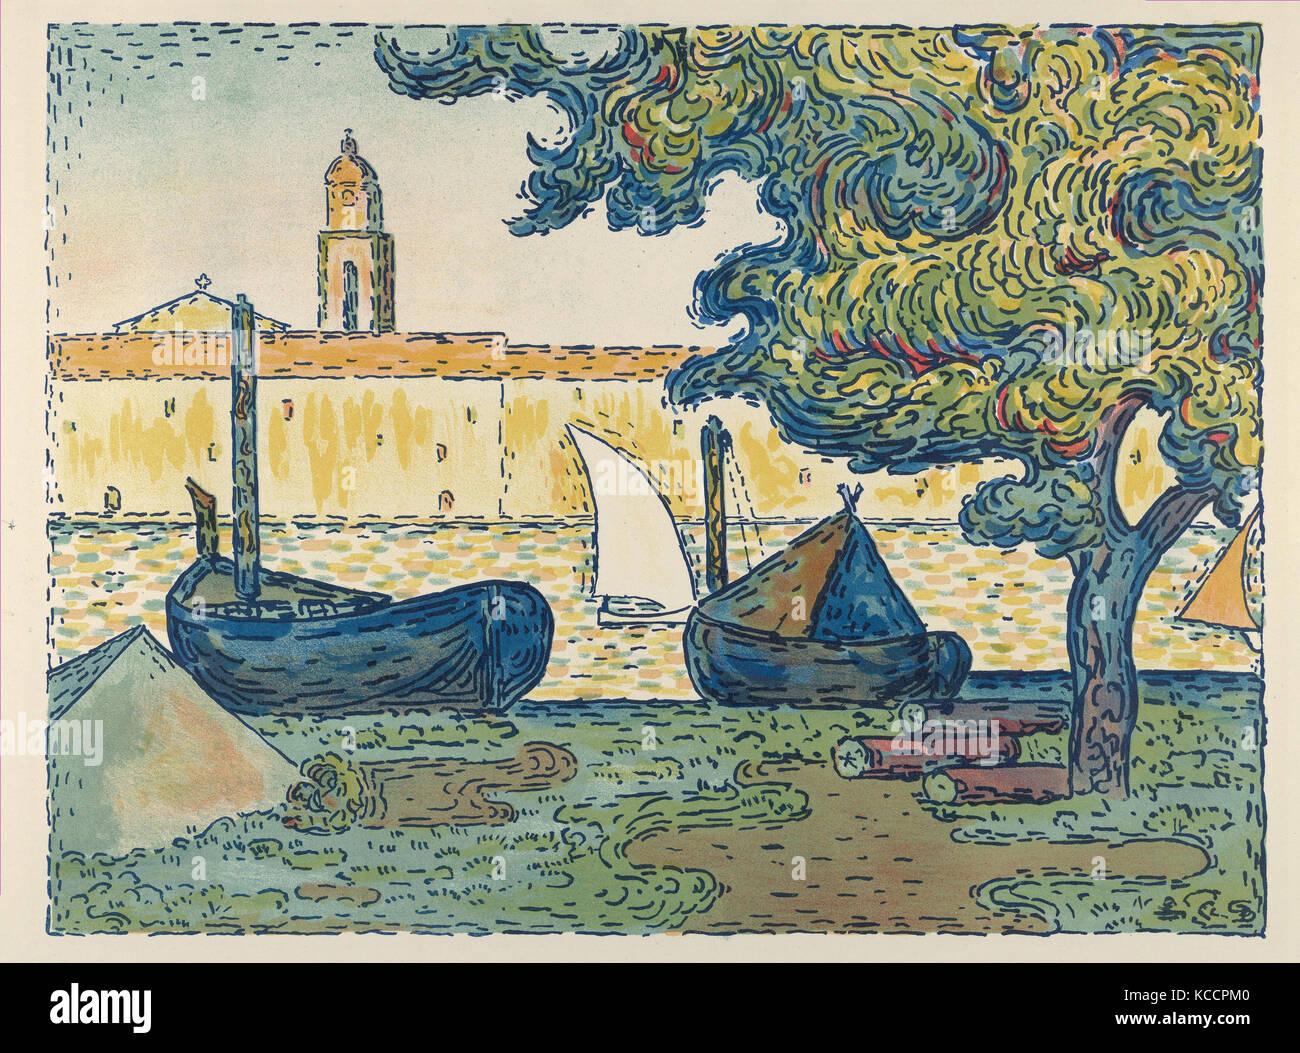 En commun Paul Signac Saint Tropez Stock Photos & Paul Signac Saint Tropez #FV_46